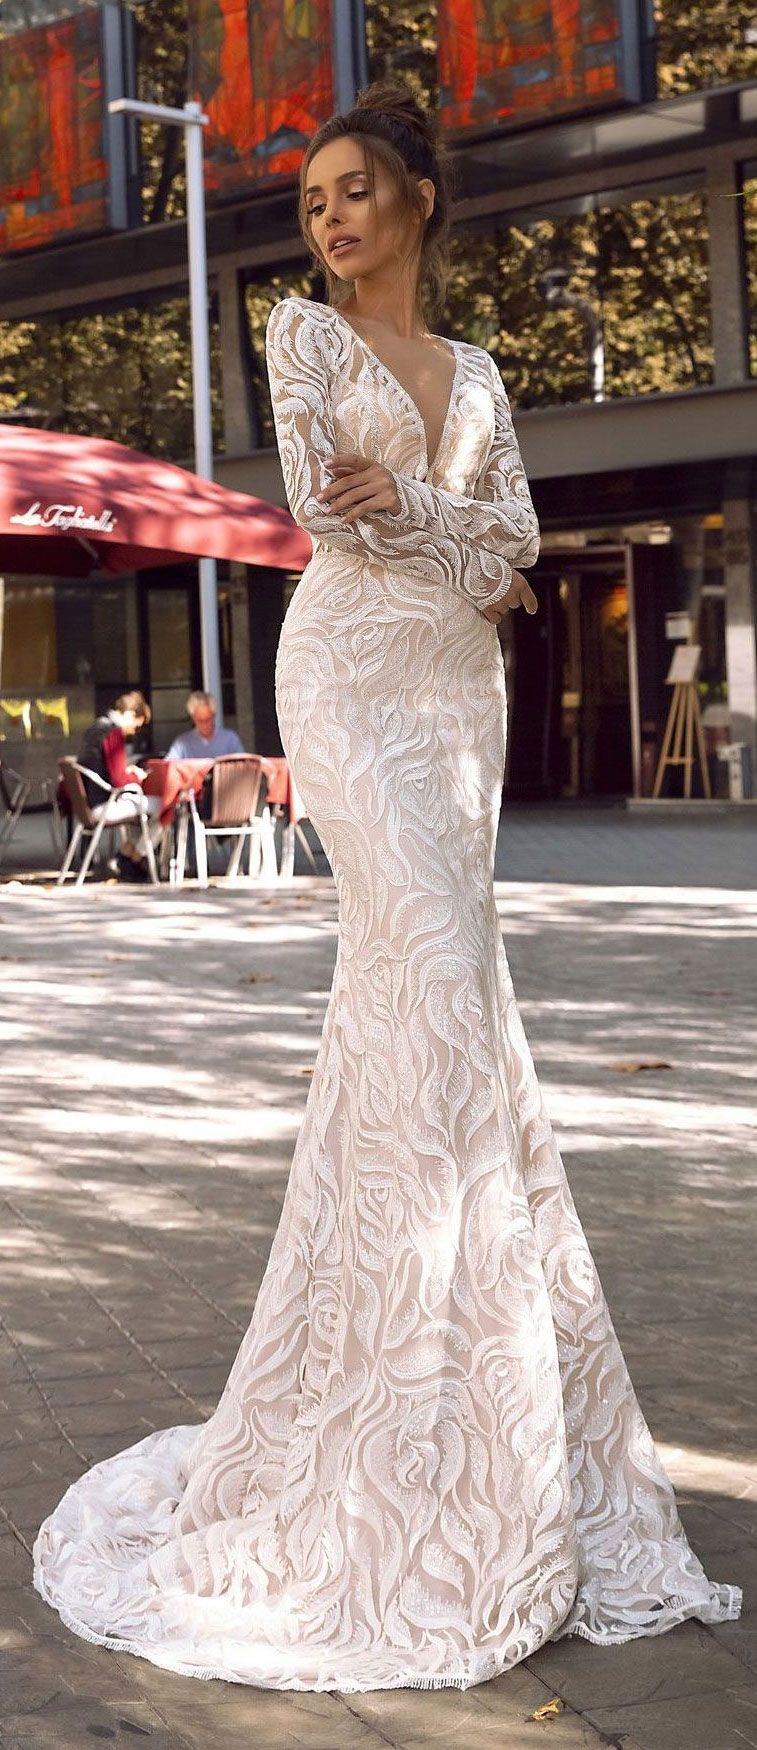 """Wedding Dress Inspiration – Tina Valerdi """"Passion by Tina"""" Bridal Collection"""